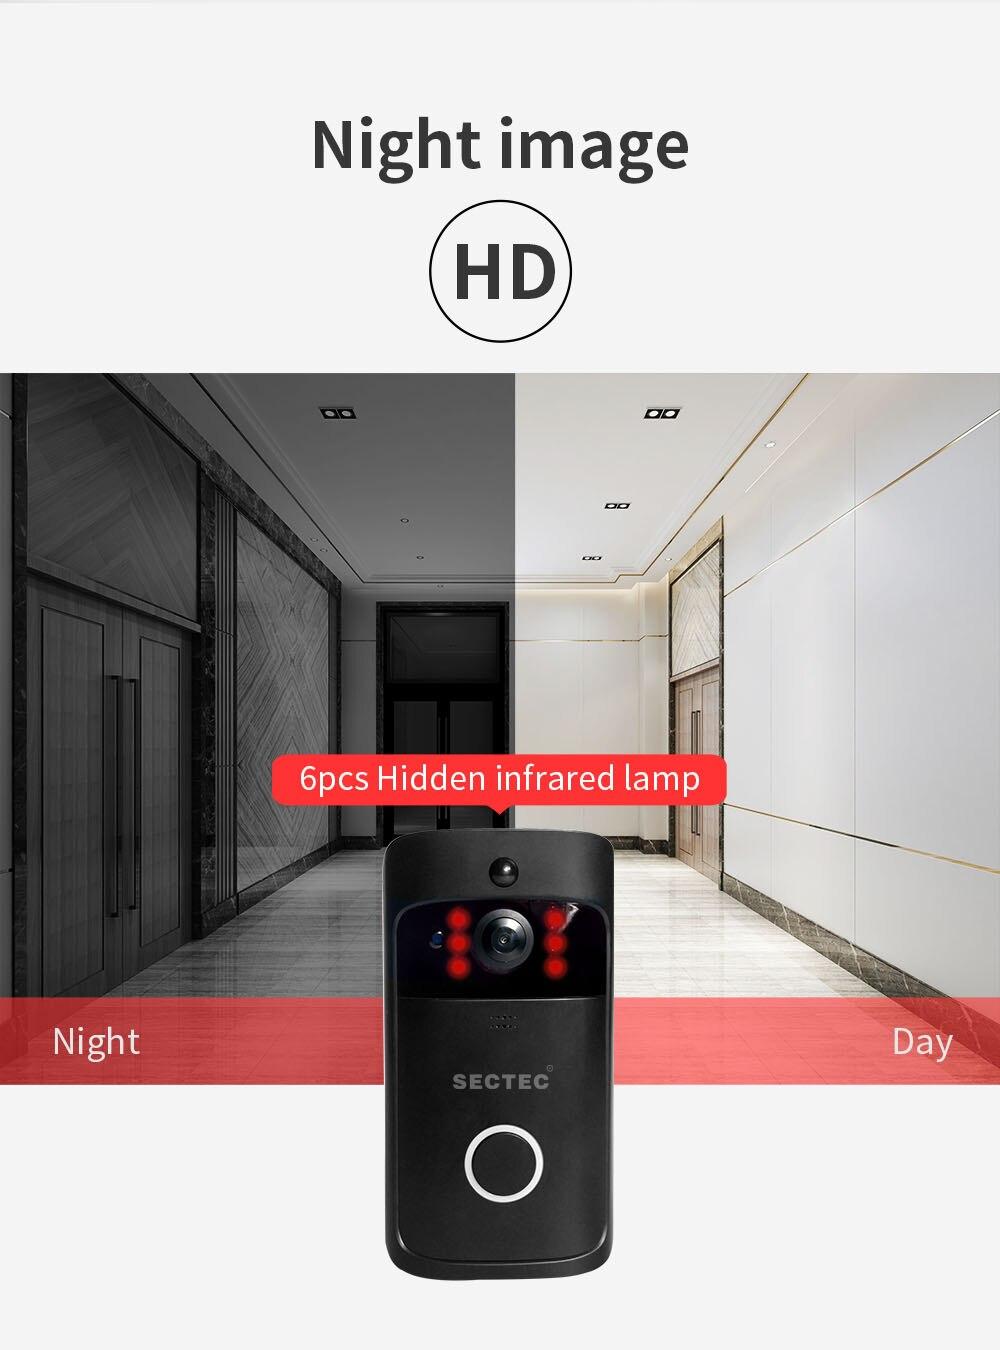 INQMEGA Wifi vidéo sonnette sans fil caméra de sécurité téléphone maison porte cloche alarme télécommande téléphone Vision nocturne en toute sécurité - 6